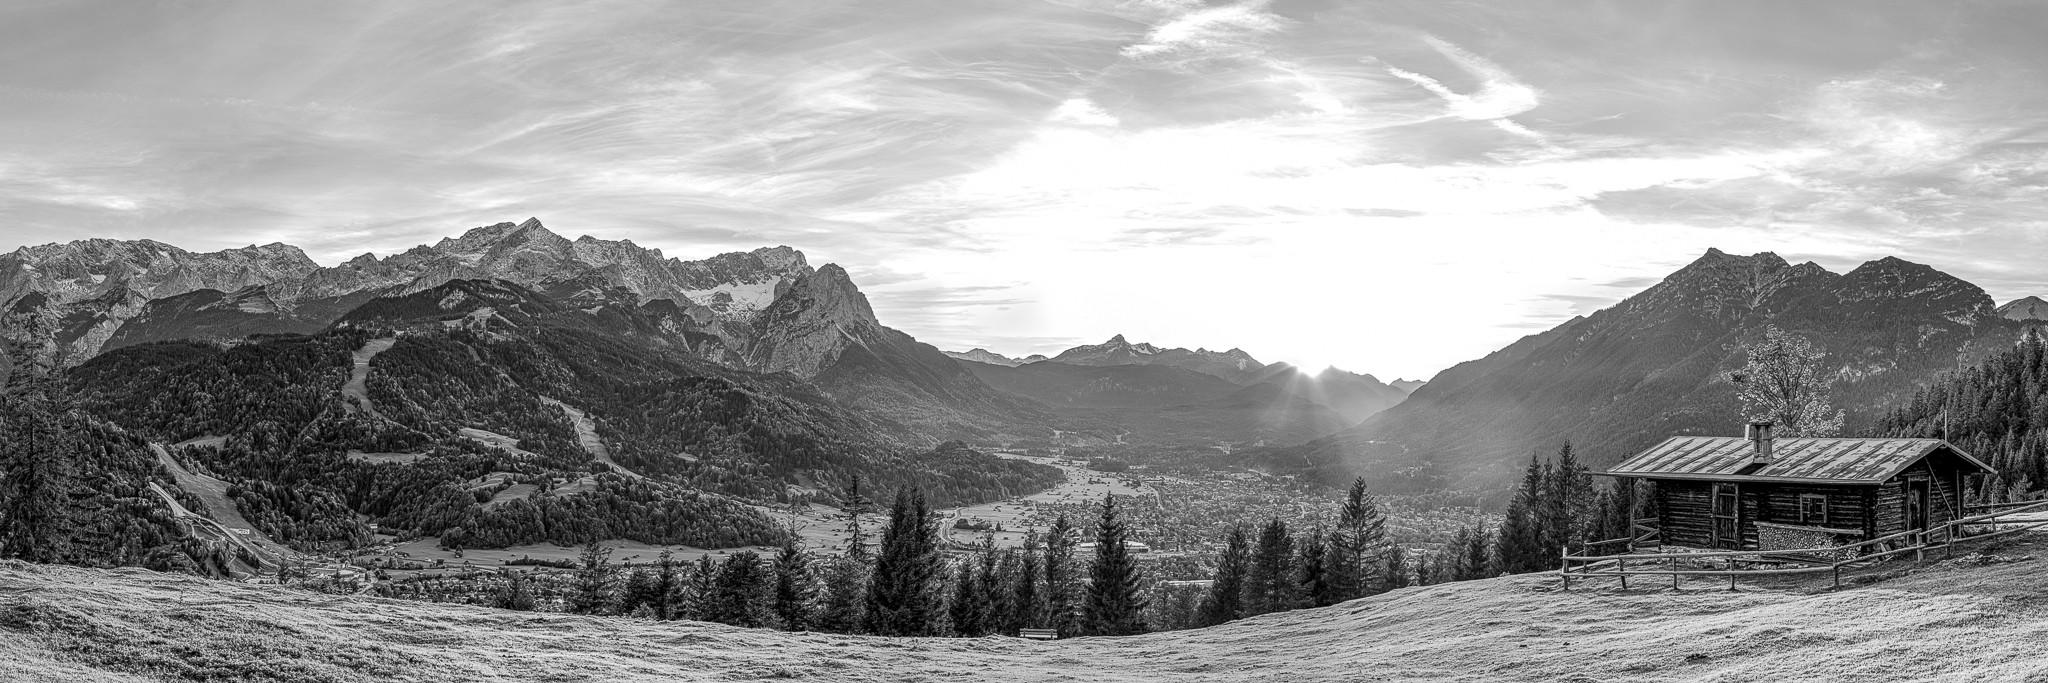 Eckenhütte - Blick über Garmisch-Partenkirchen Sonnenuntergang mit Blick auf die Alpspitze, Zugspitze und Kramerspitz in schwarz weiß.